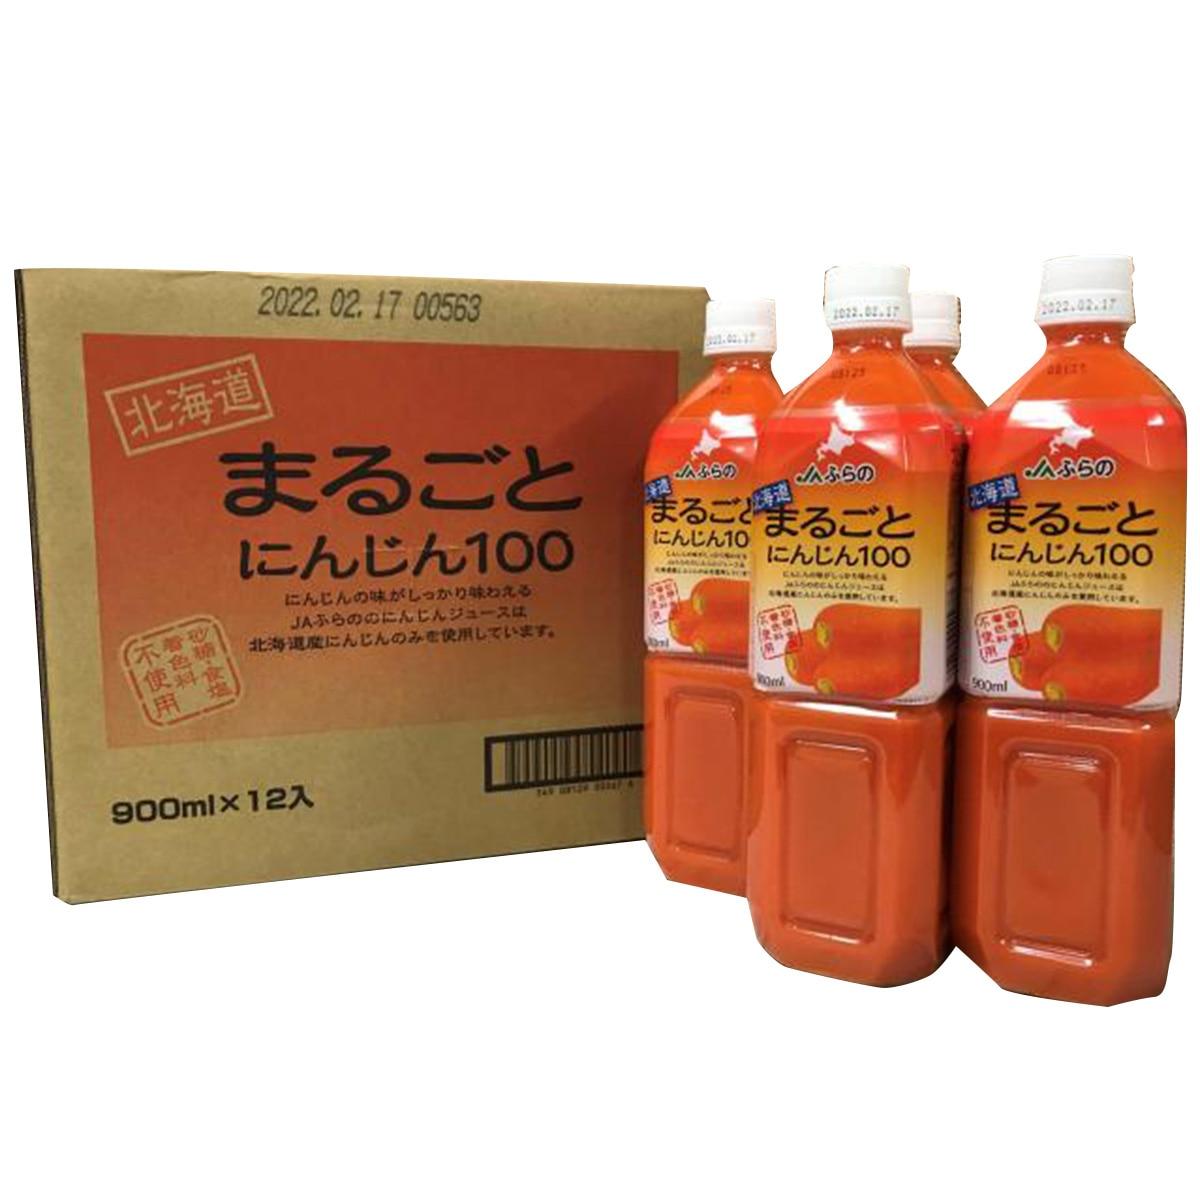 【送料無料】JAふらの 北海道まるごとにんじん100 (900ml×12本) JAふらのにんじんジュース